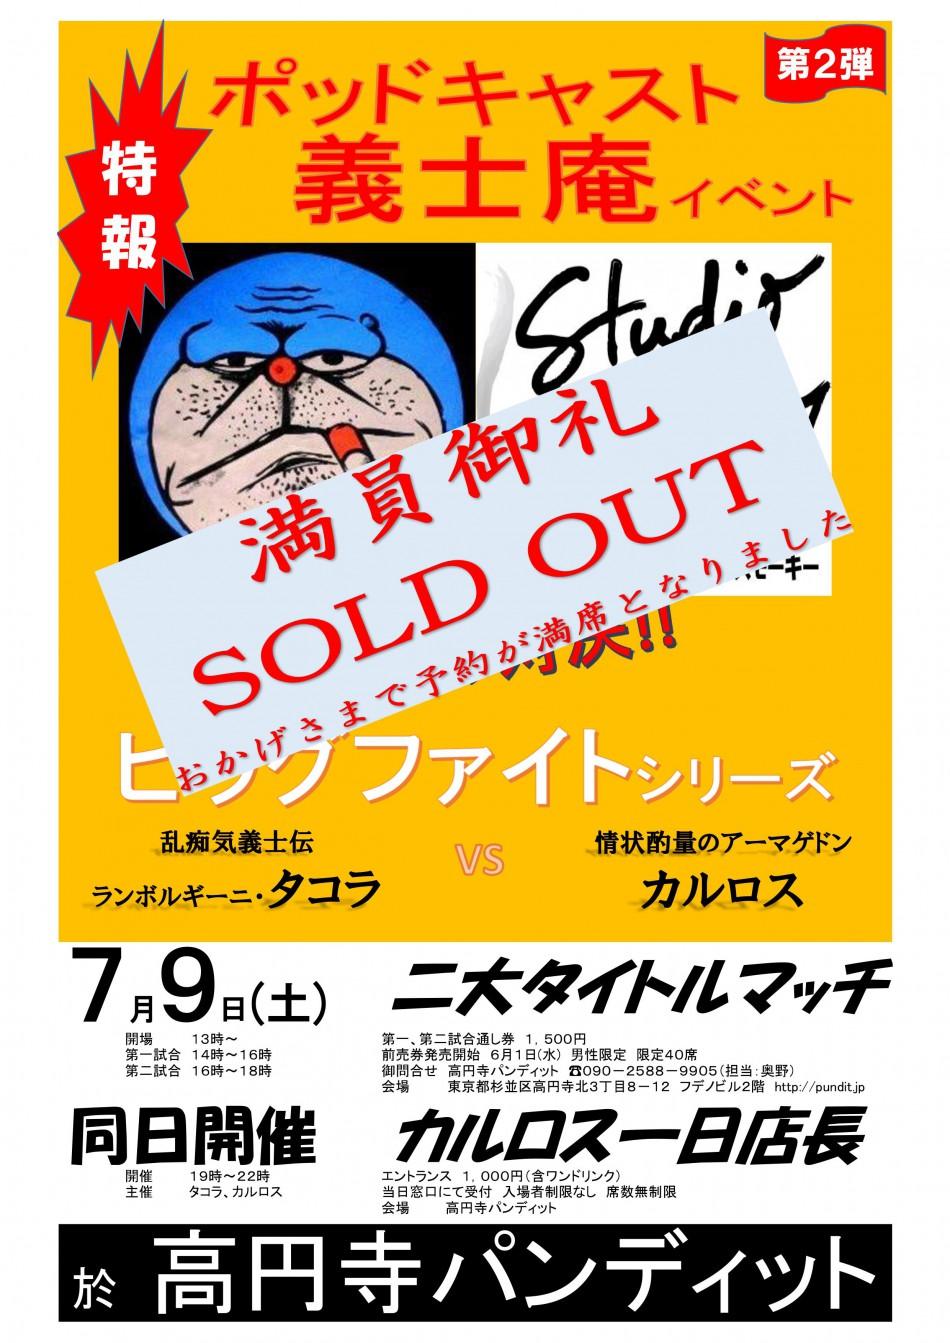 2016年義士庵イベントポスター(7月9日)満席